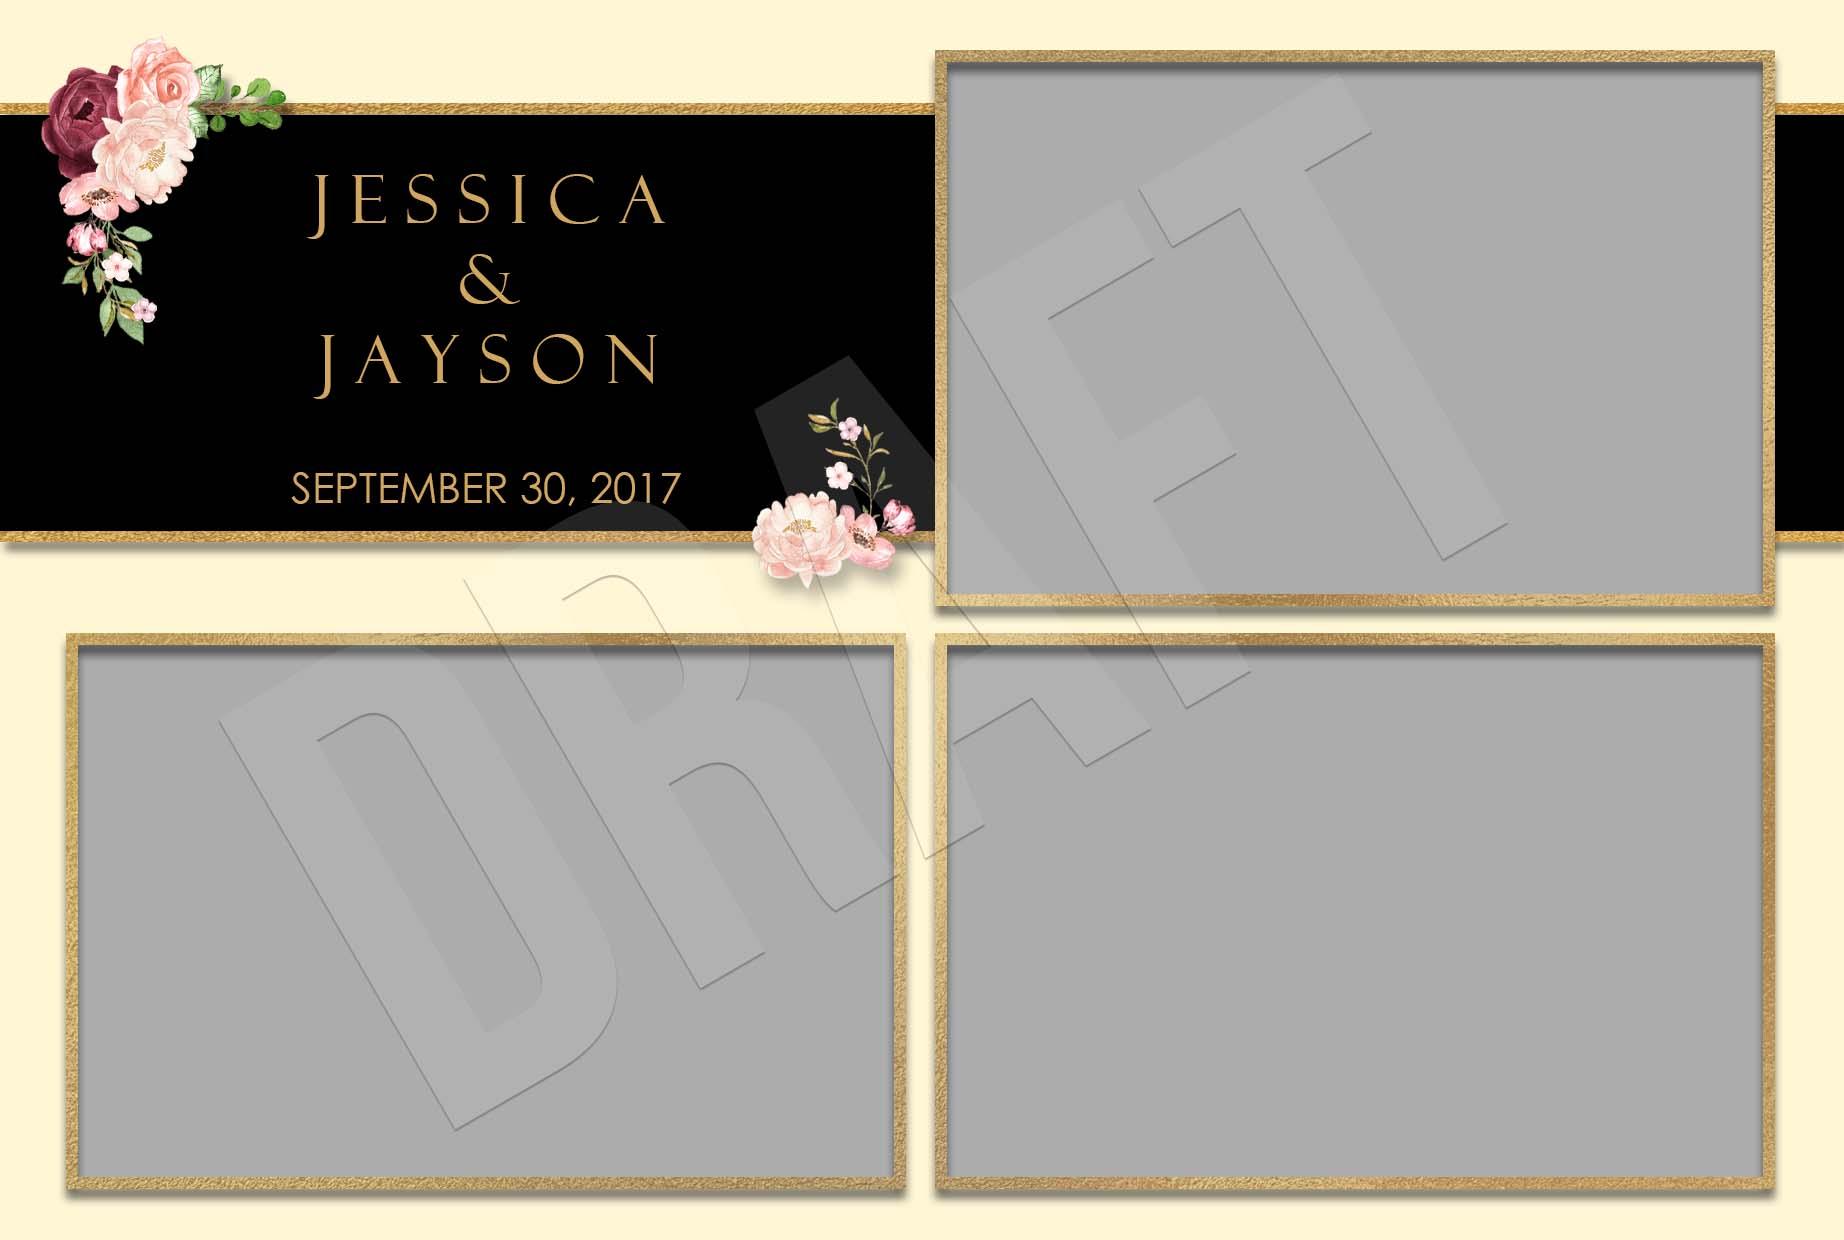 JessicaJason